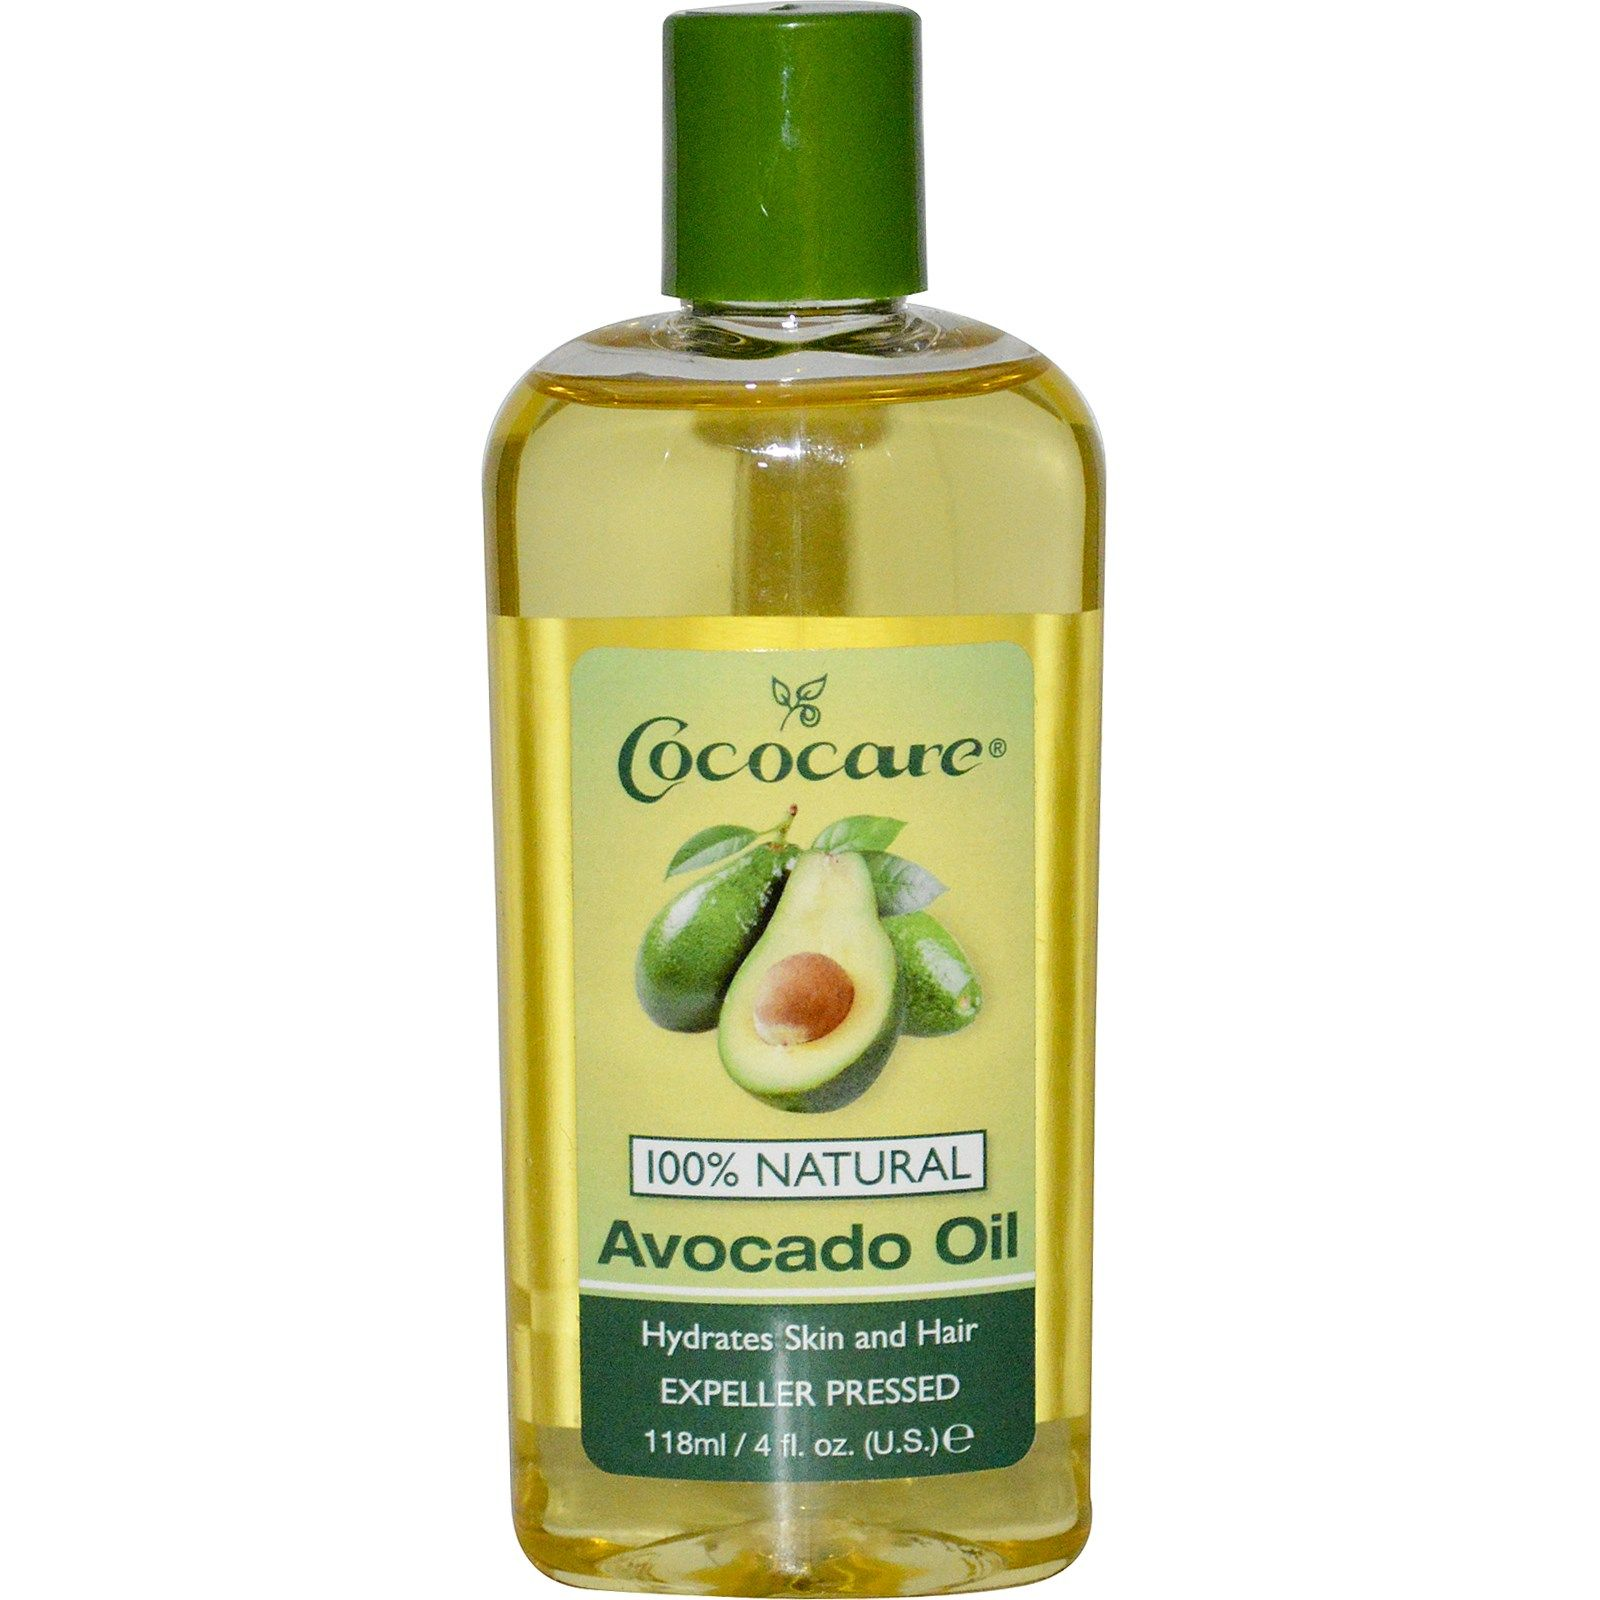 Cococare, Avocado Oil, 4 fl oz (118 ml) - iHerb.com